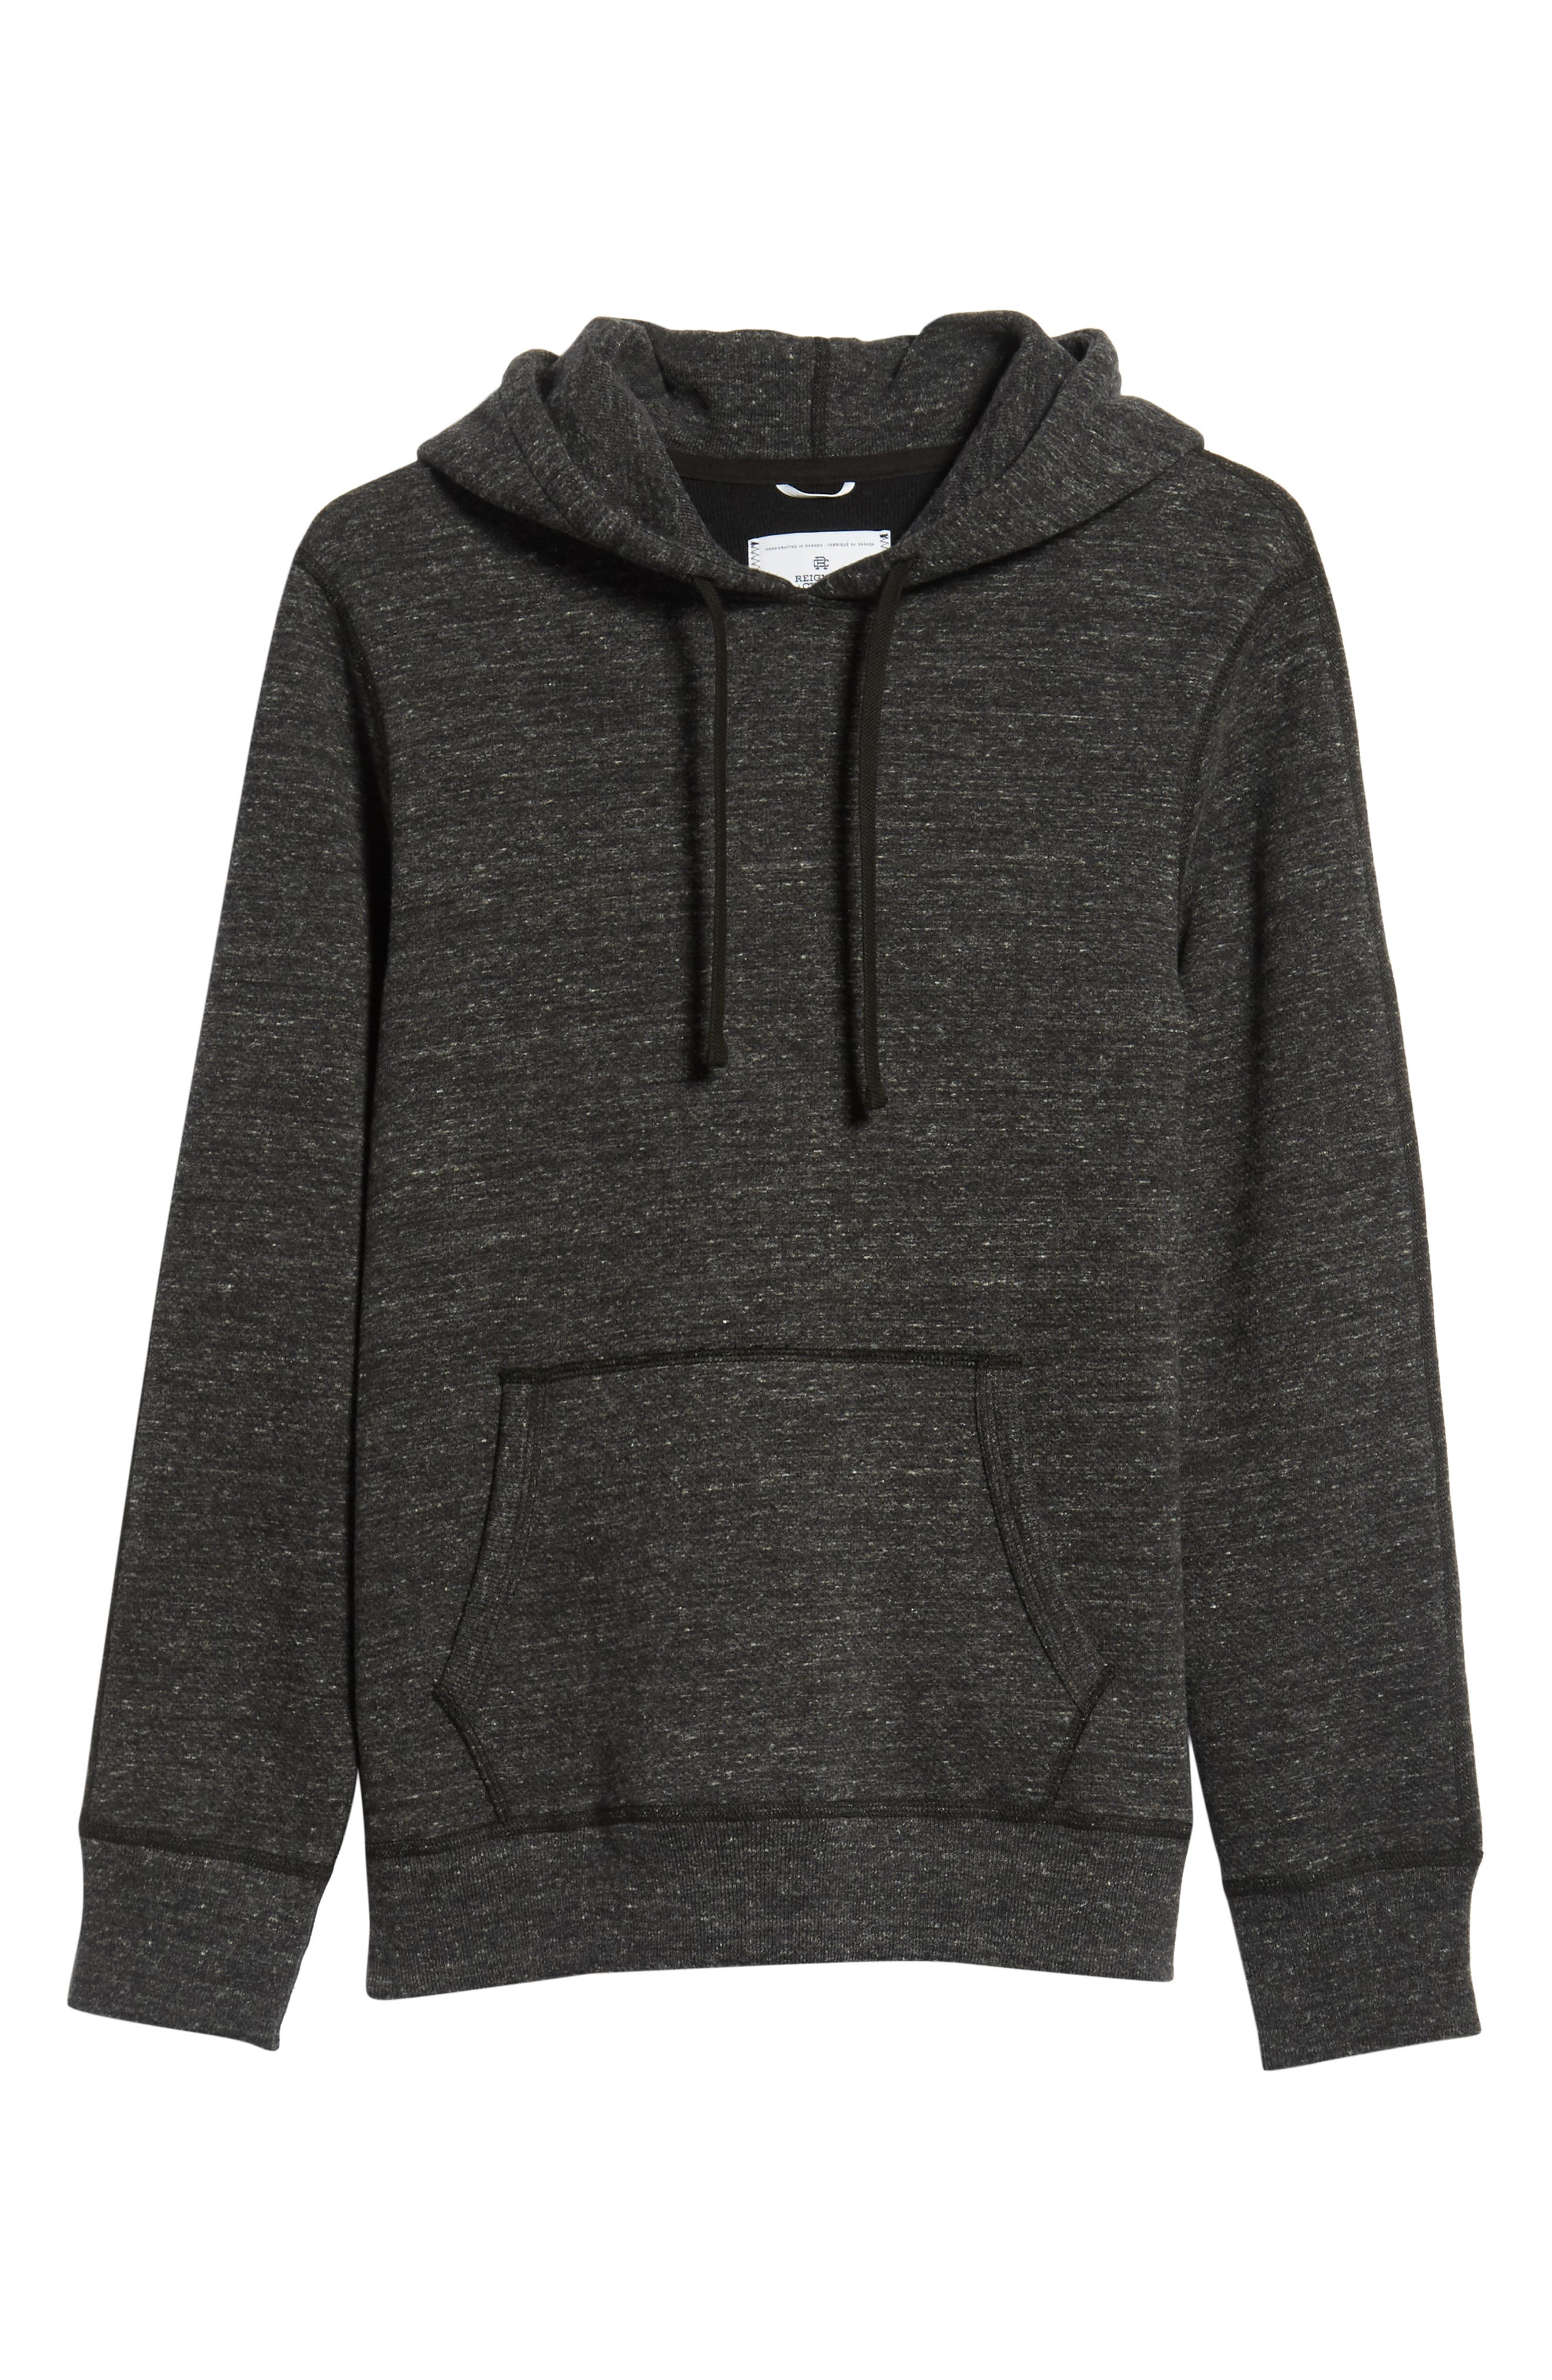 Trim Fit Side Zip Hooded Sweatshirt,                             Alternate thumbnail 6, color,                             020